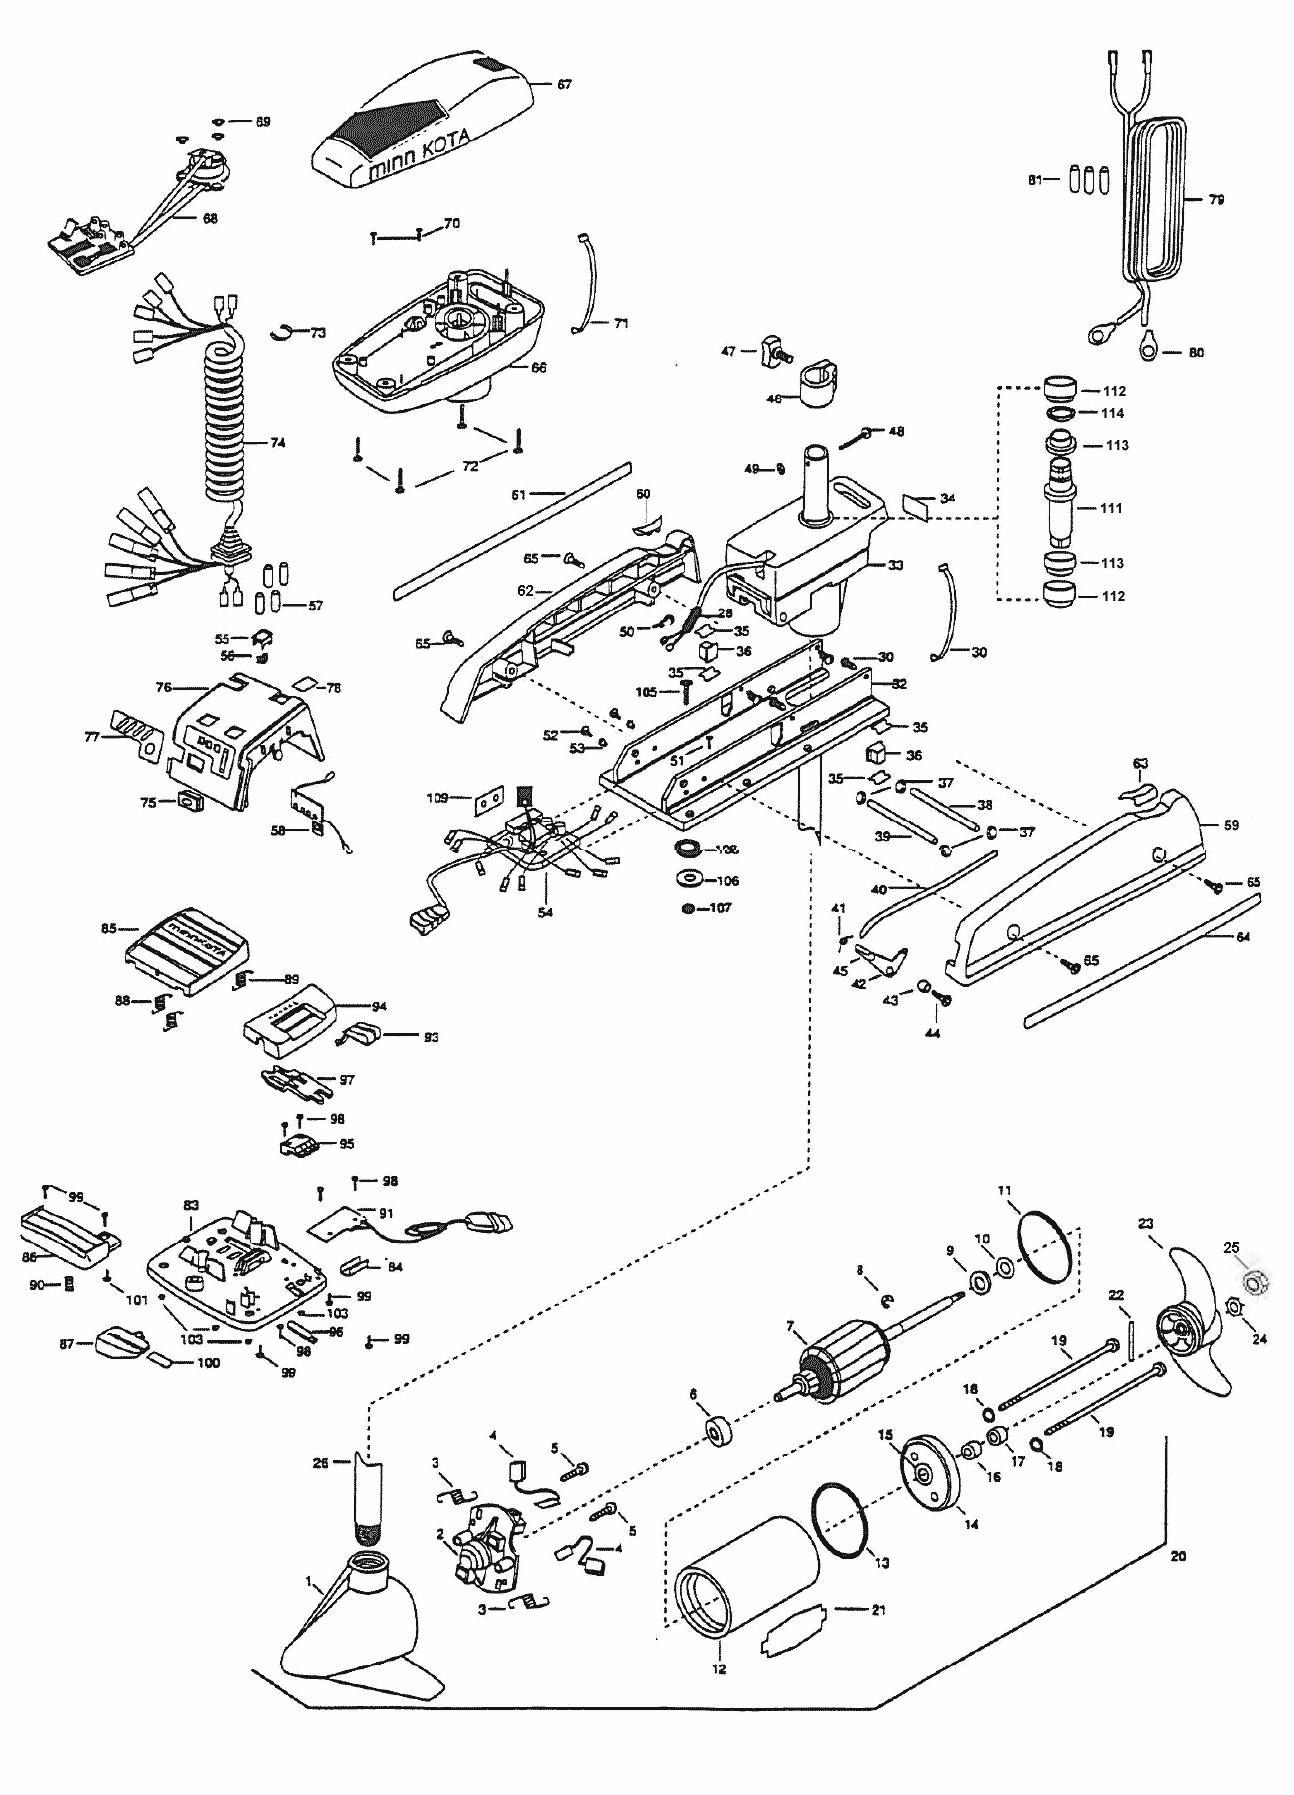 minn kota auto pilot 55 (54 inch) parts - 2000 from fish307.com minn kota maxxum 24v wiring diagram